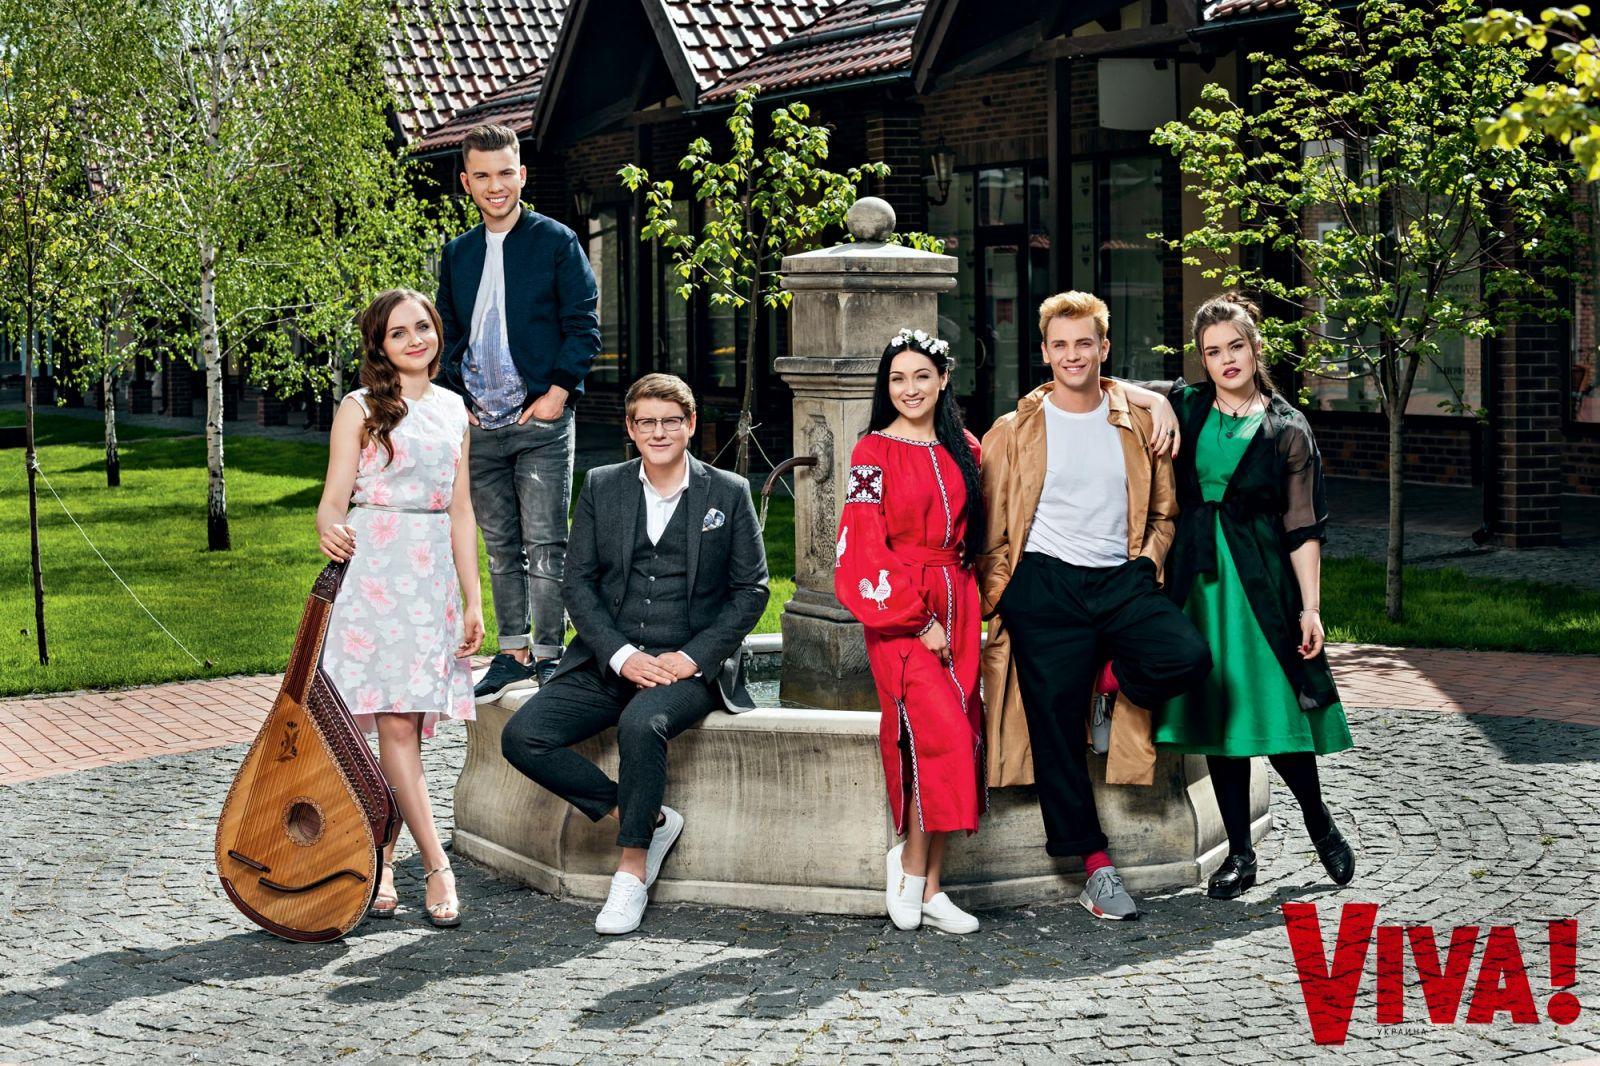 Участники шоу Голос-країни-6 снялись для Viva!